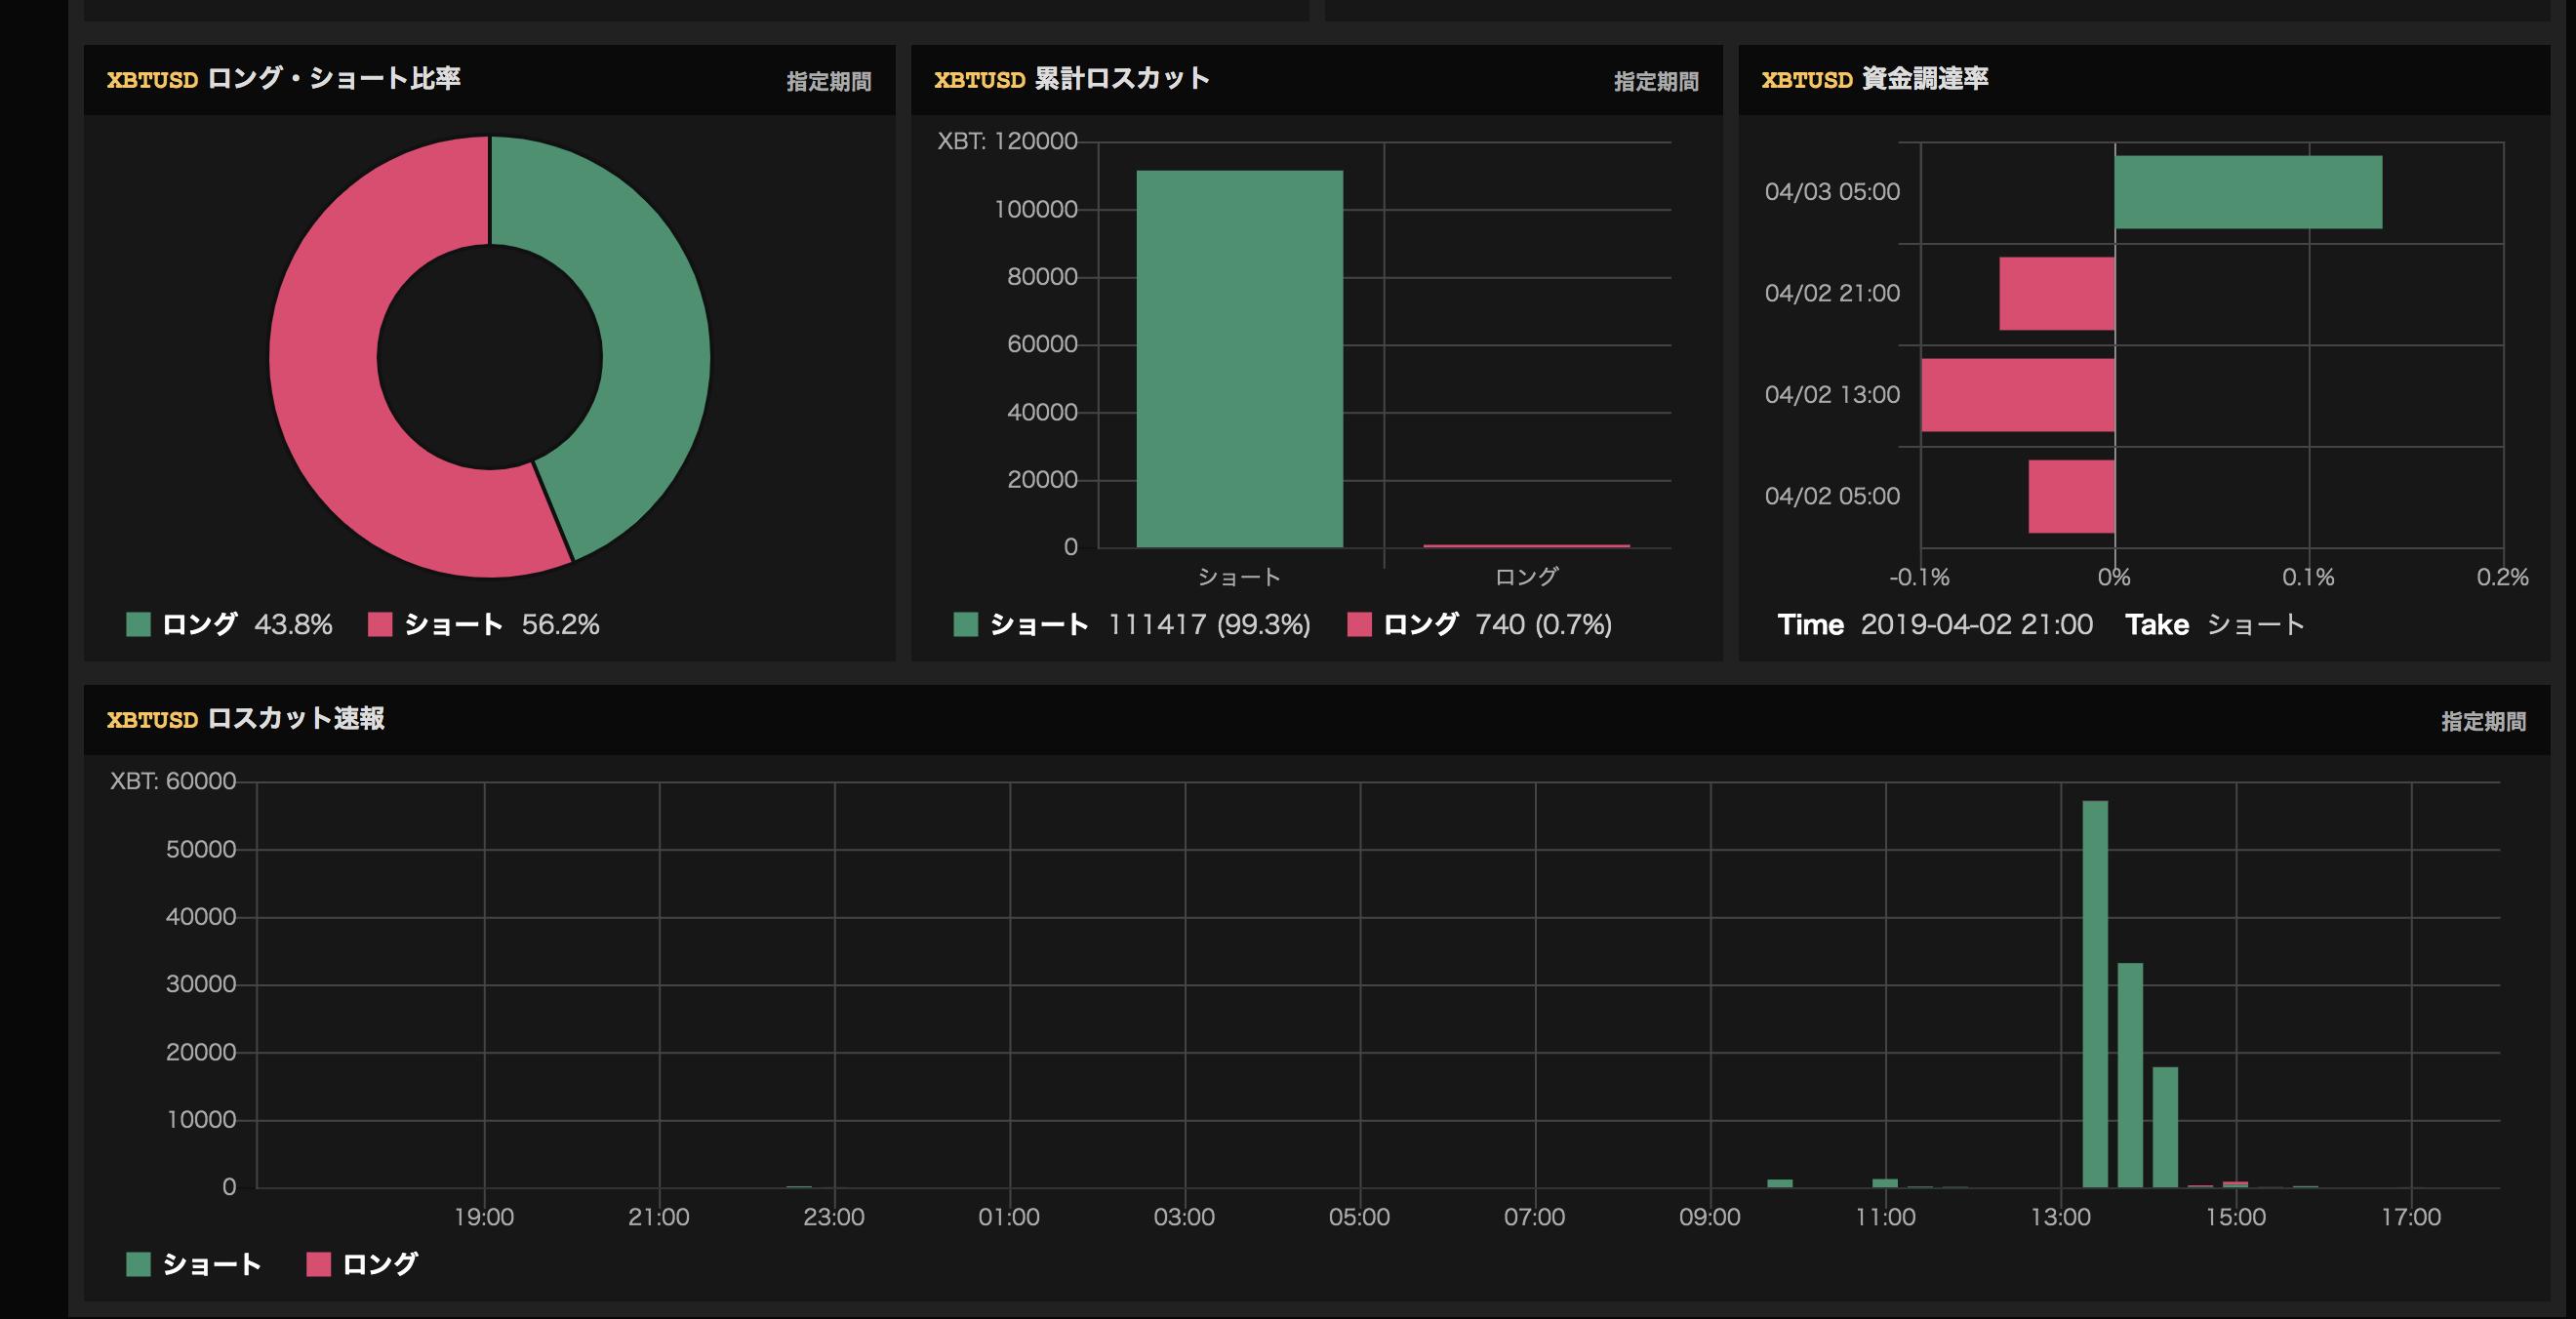 4月2日 Bitcoin(ビットコイン) 高騰